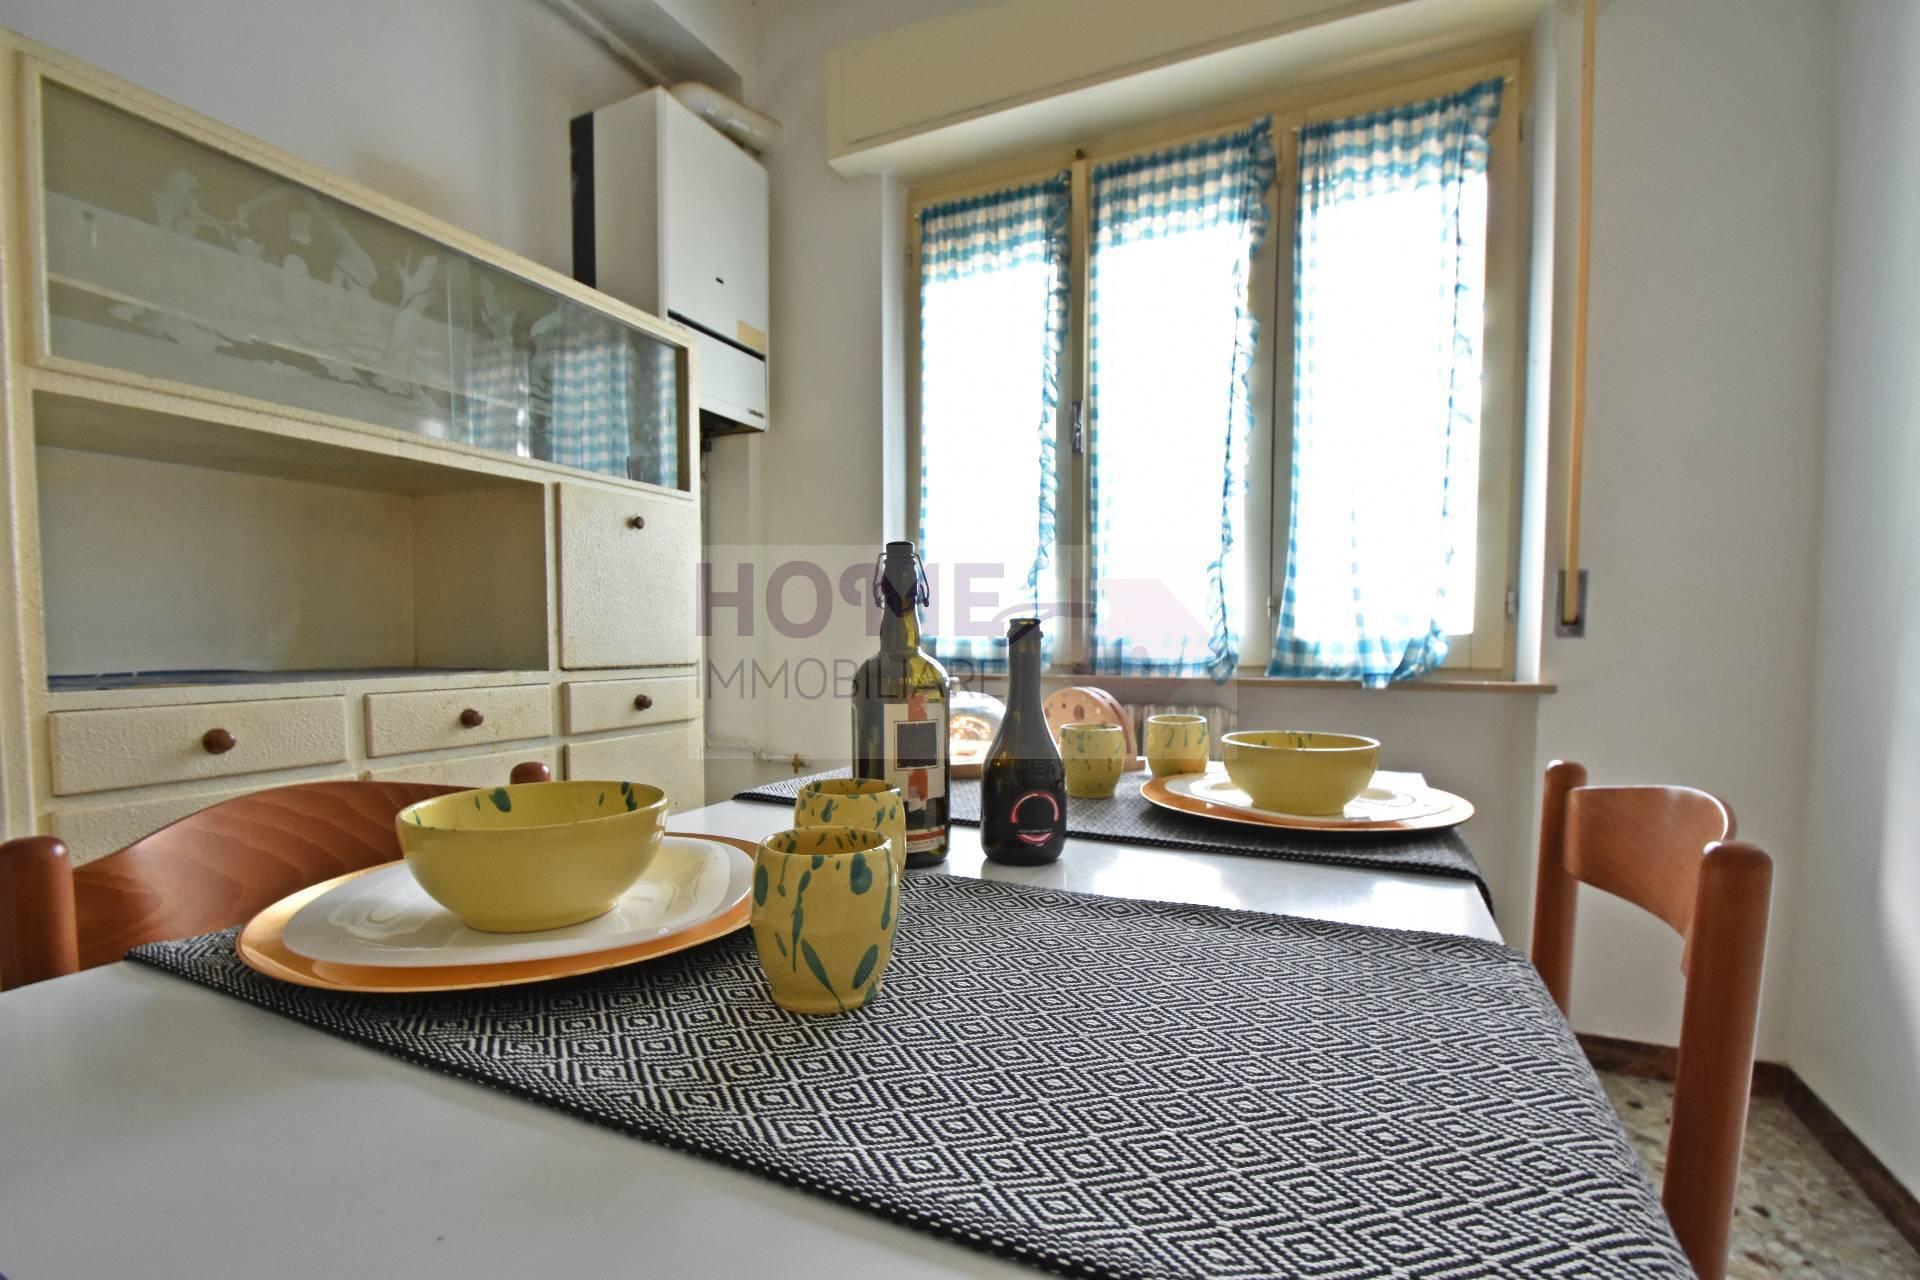 Appartamento, 100 Mq, Vendita - Macerata (Macerata)